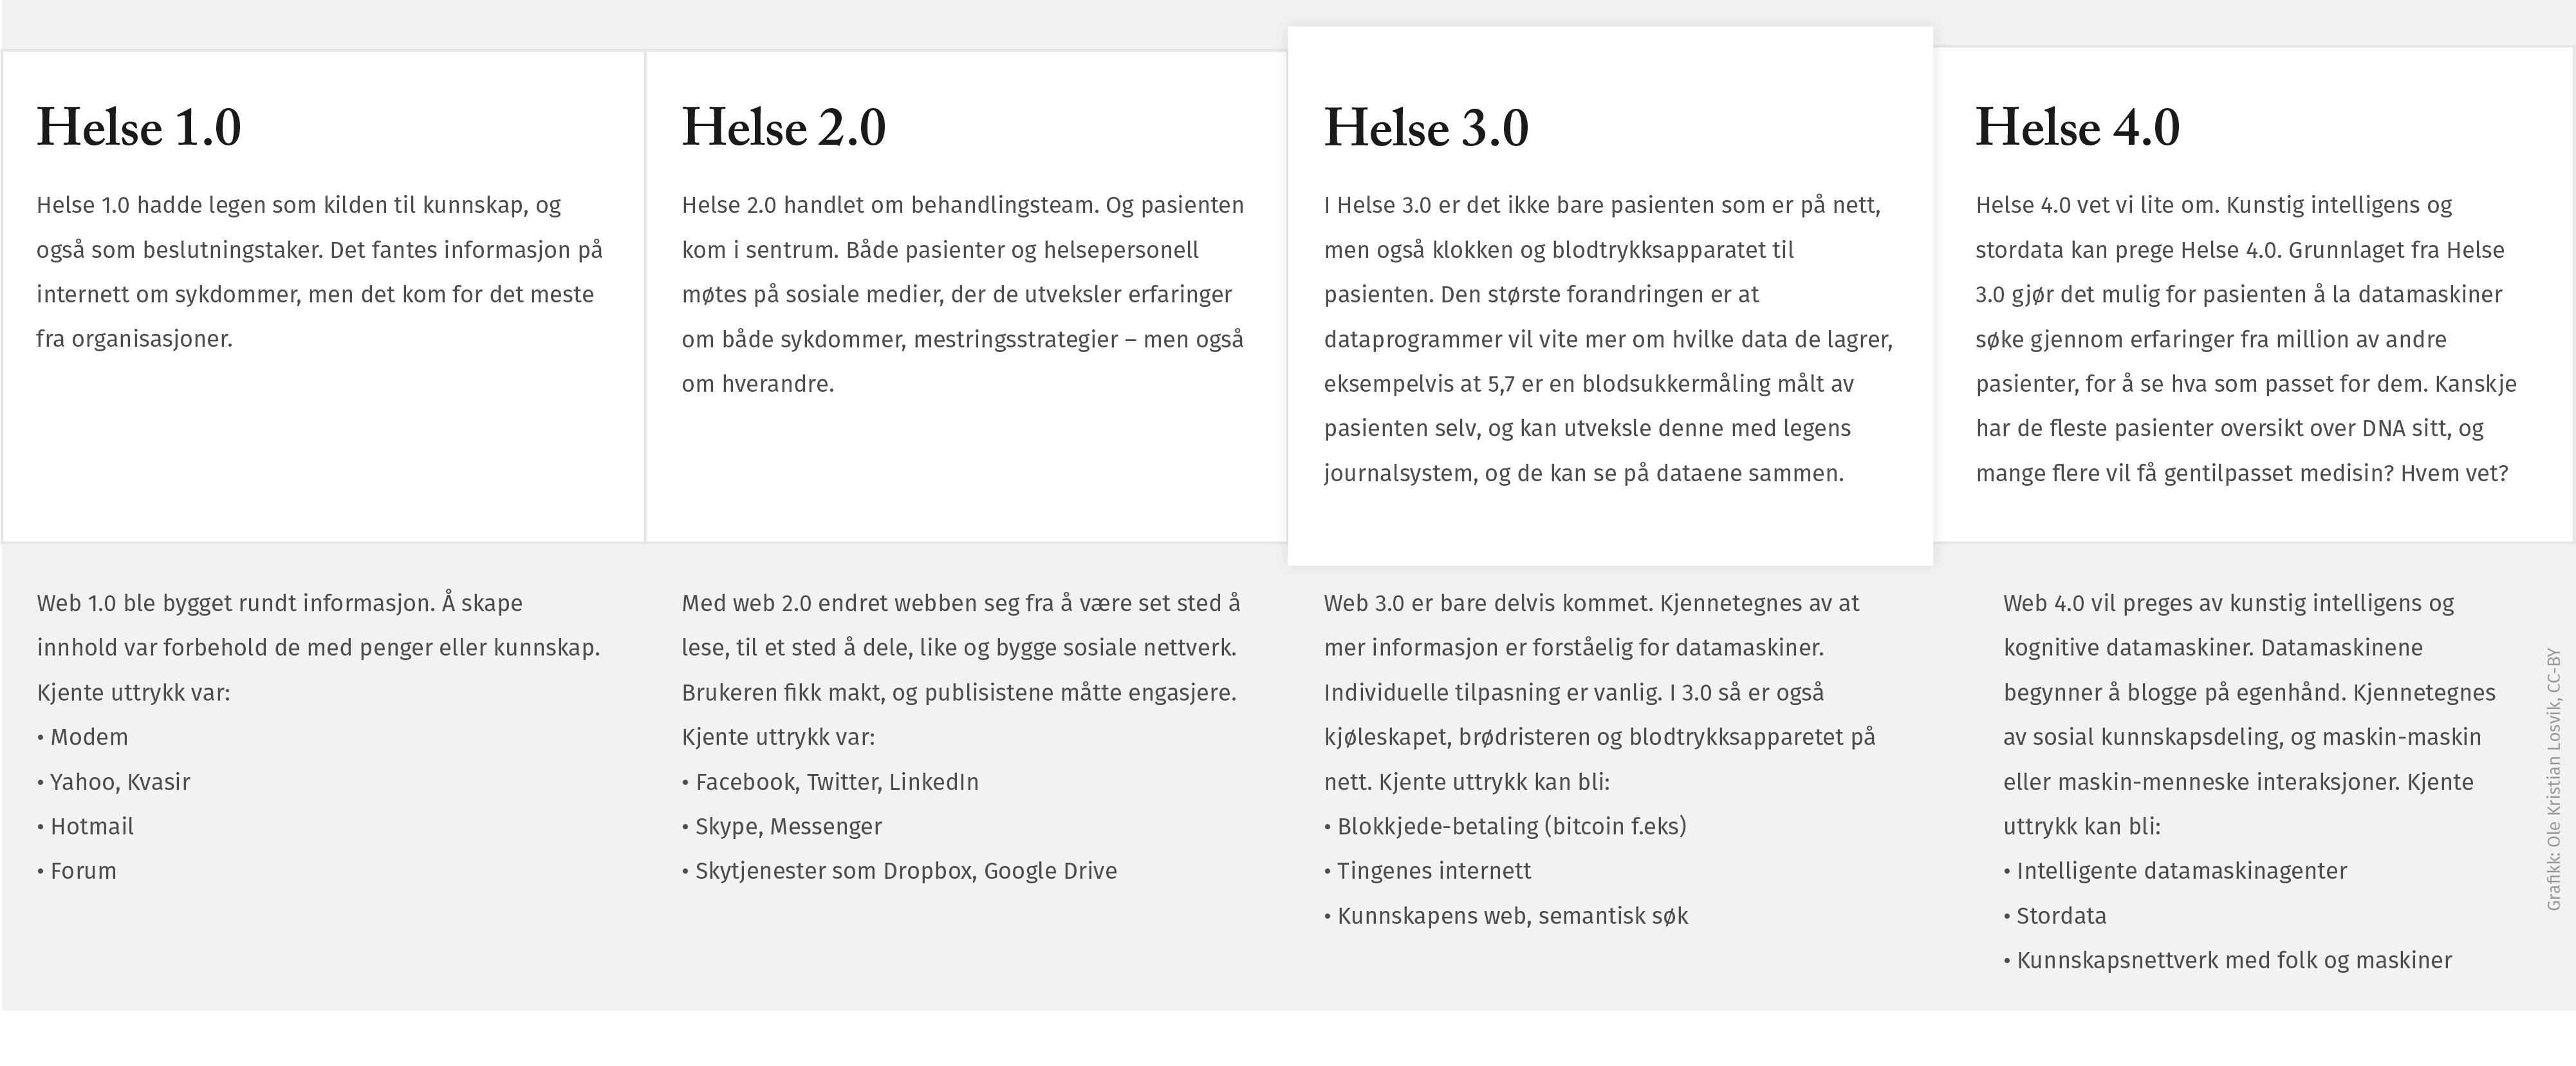 Grafikk som viser sentrale trekk av Helse 3.0, men også tidligere og framtidige versjoner.